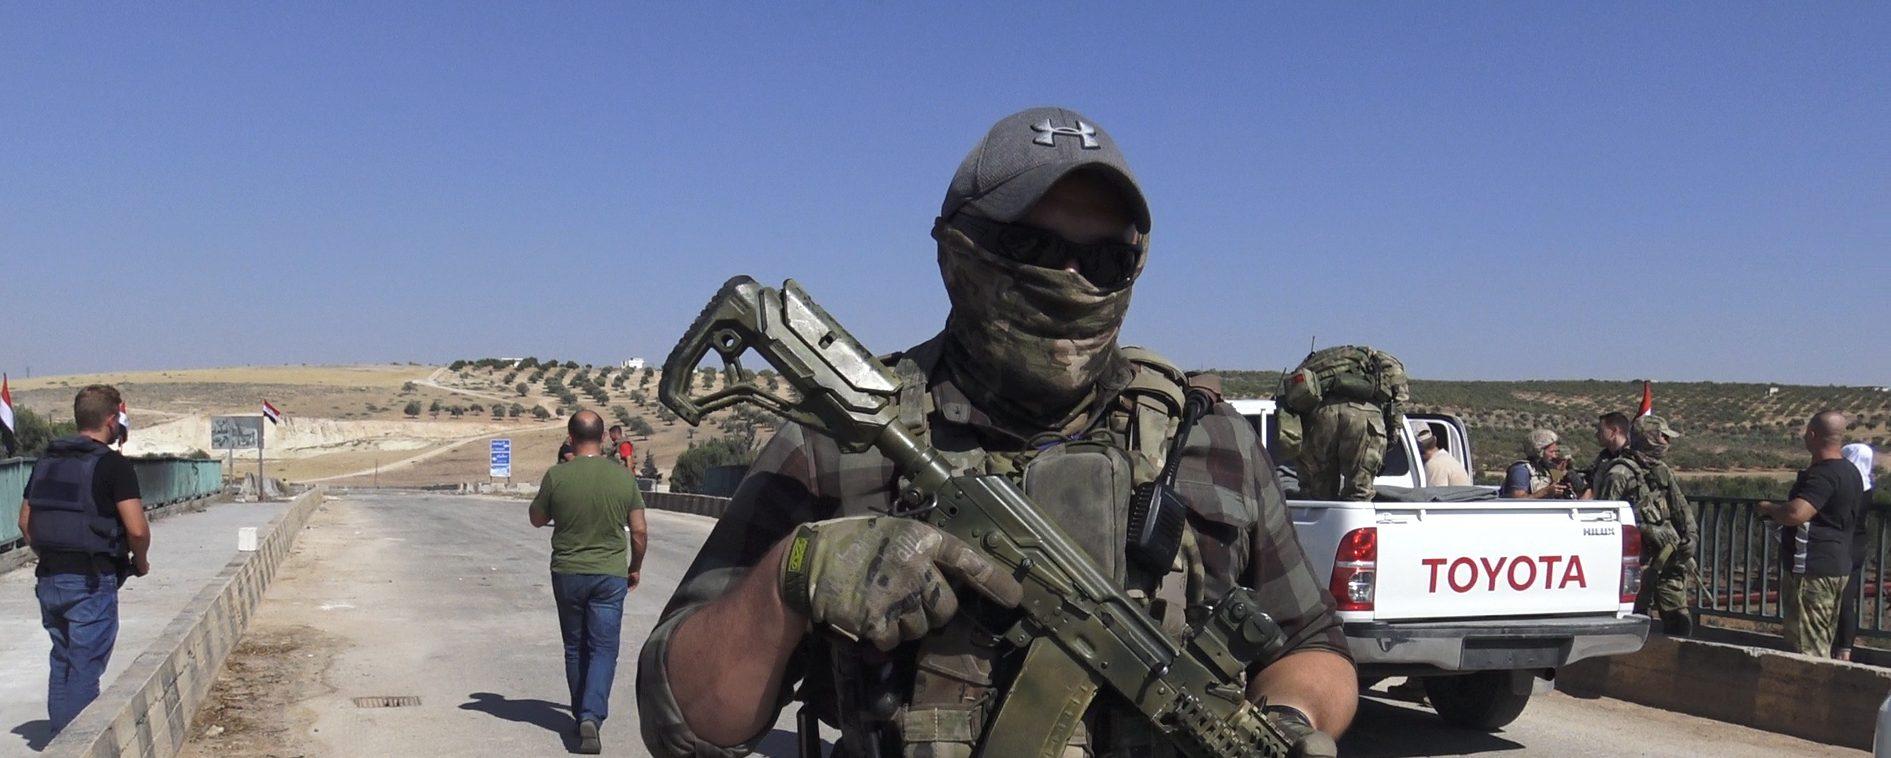 Рожин считает, что США выгодно раскачивать тему присутствия ЧВК «Вагнера» в Ливии